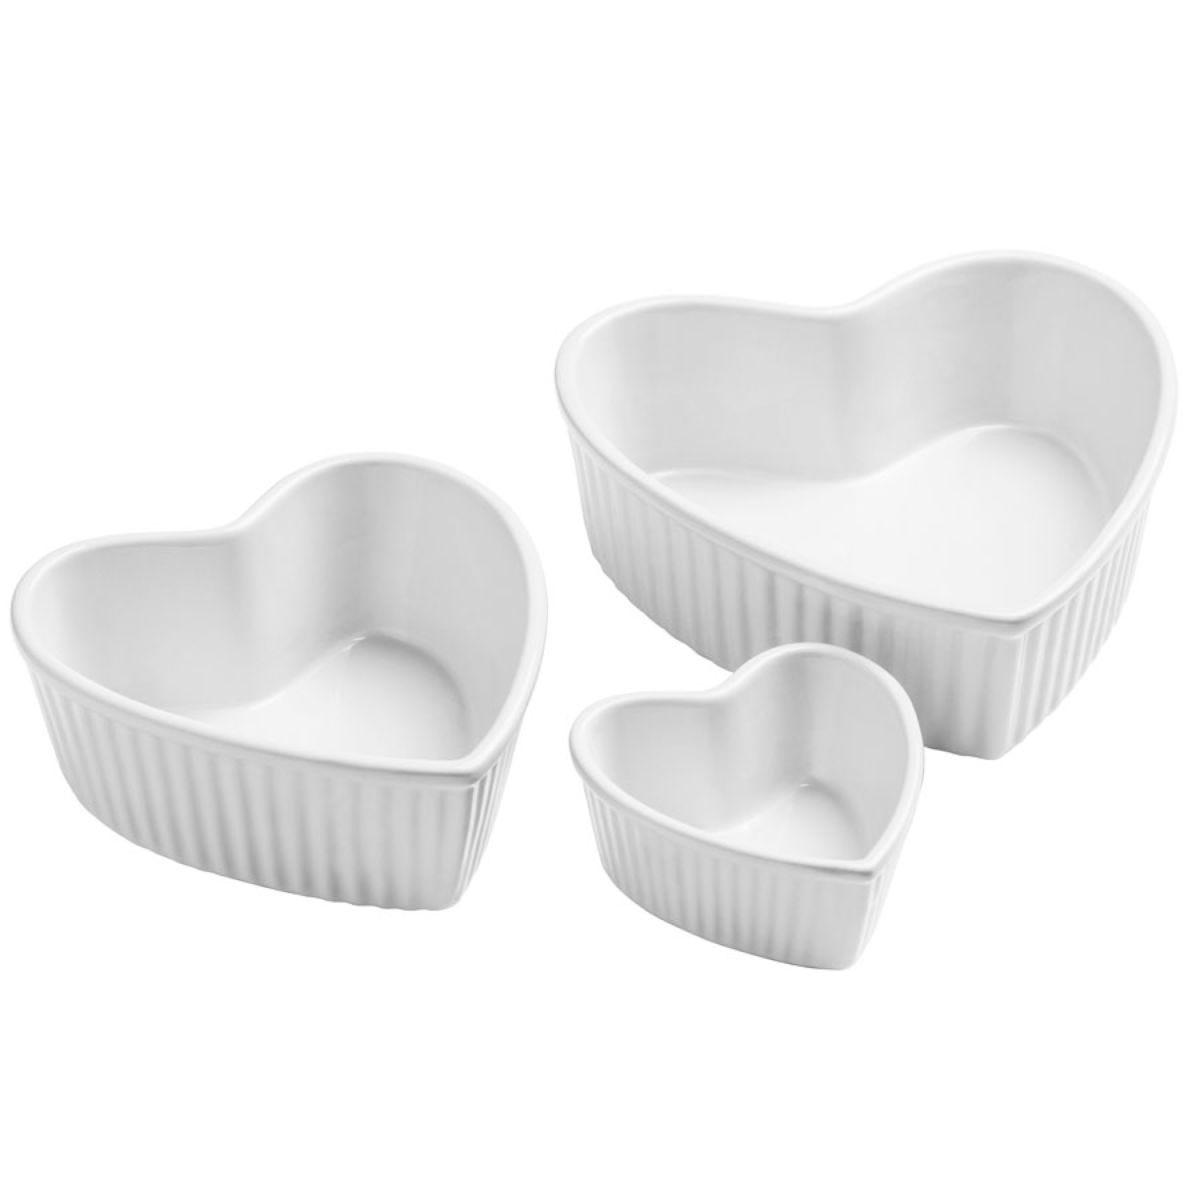 Amour Set of 3 Heart Shape Stoneware Dishes - White